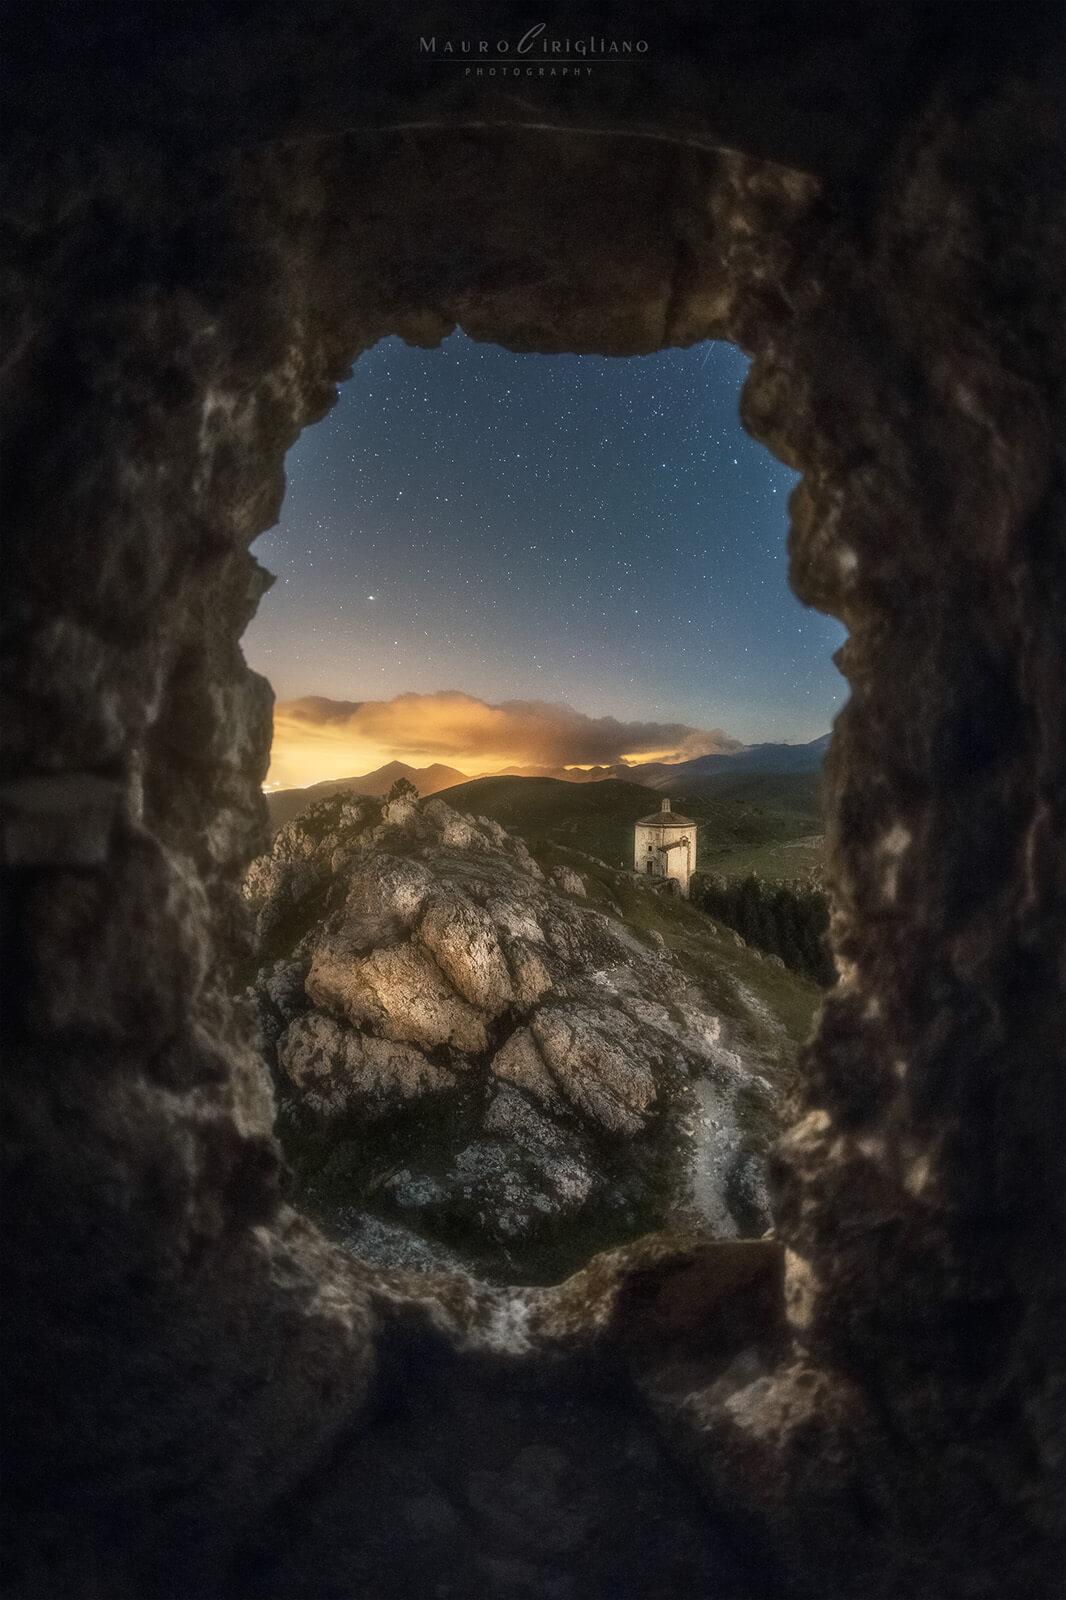 paesaggio notturno incorniciato da pietre